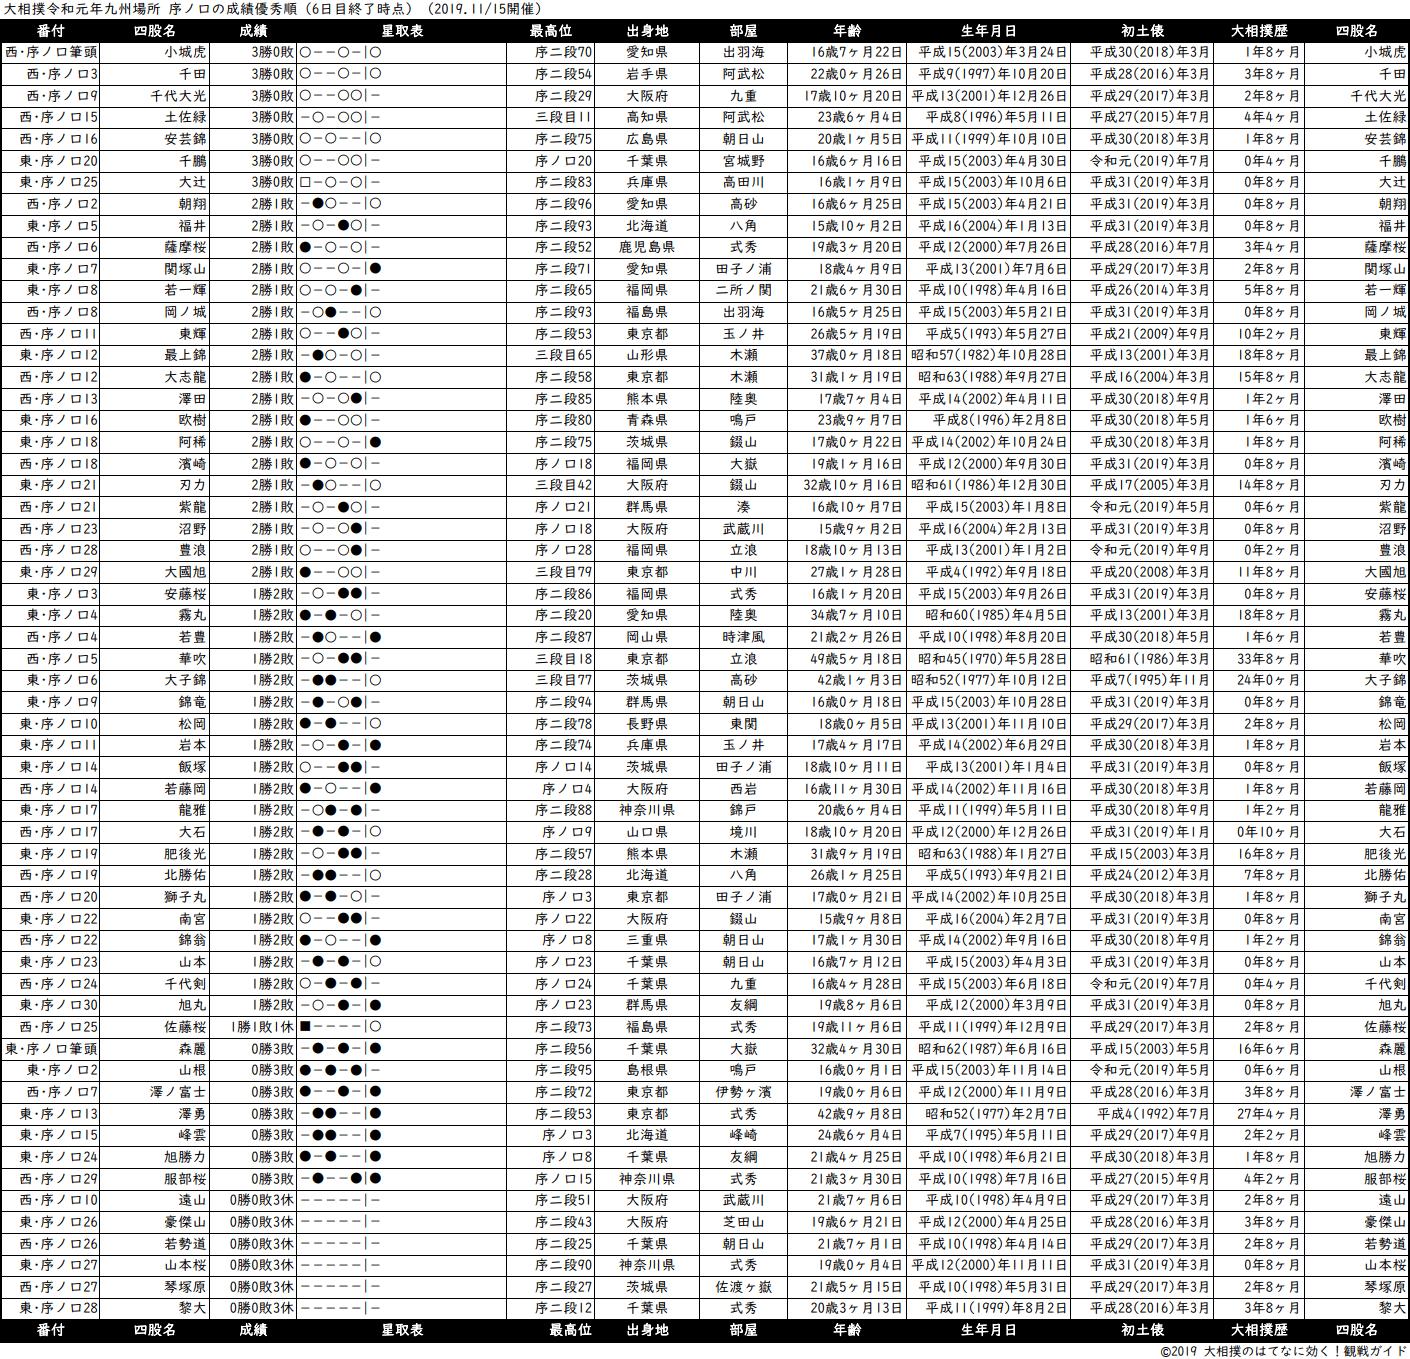 序ノ口成績順一覧表・2019年11月場所6日目